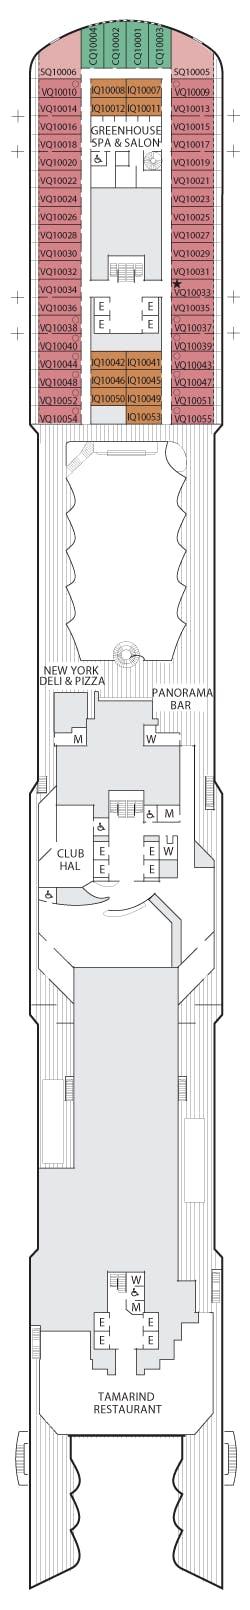 PANORAMA DECK